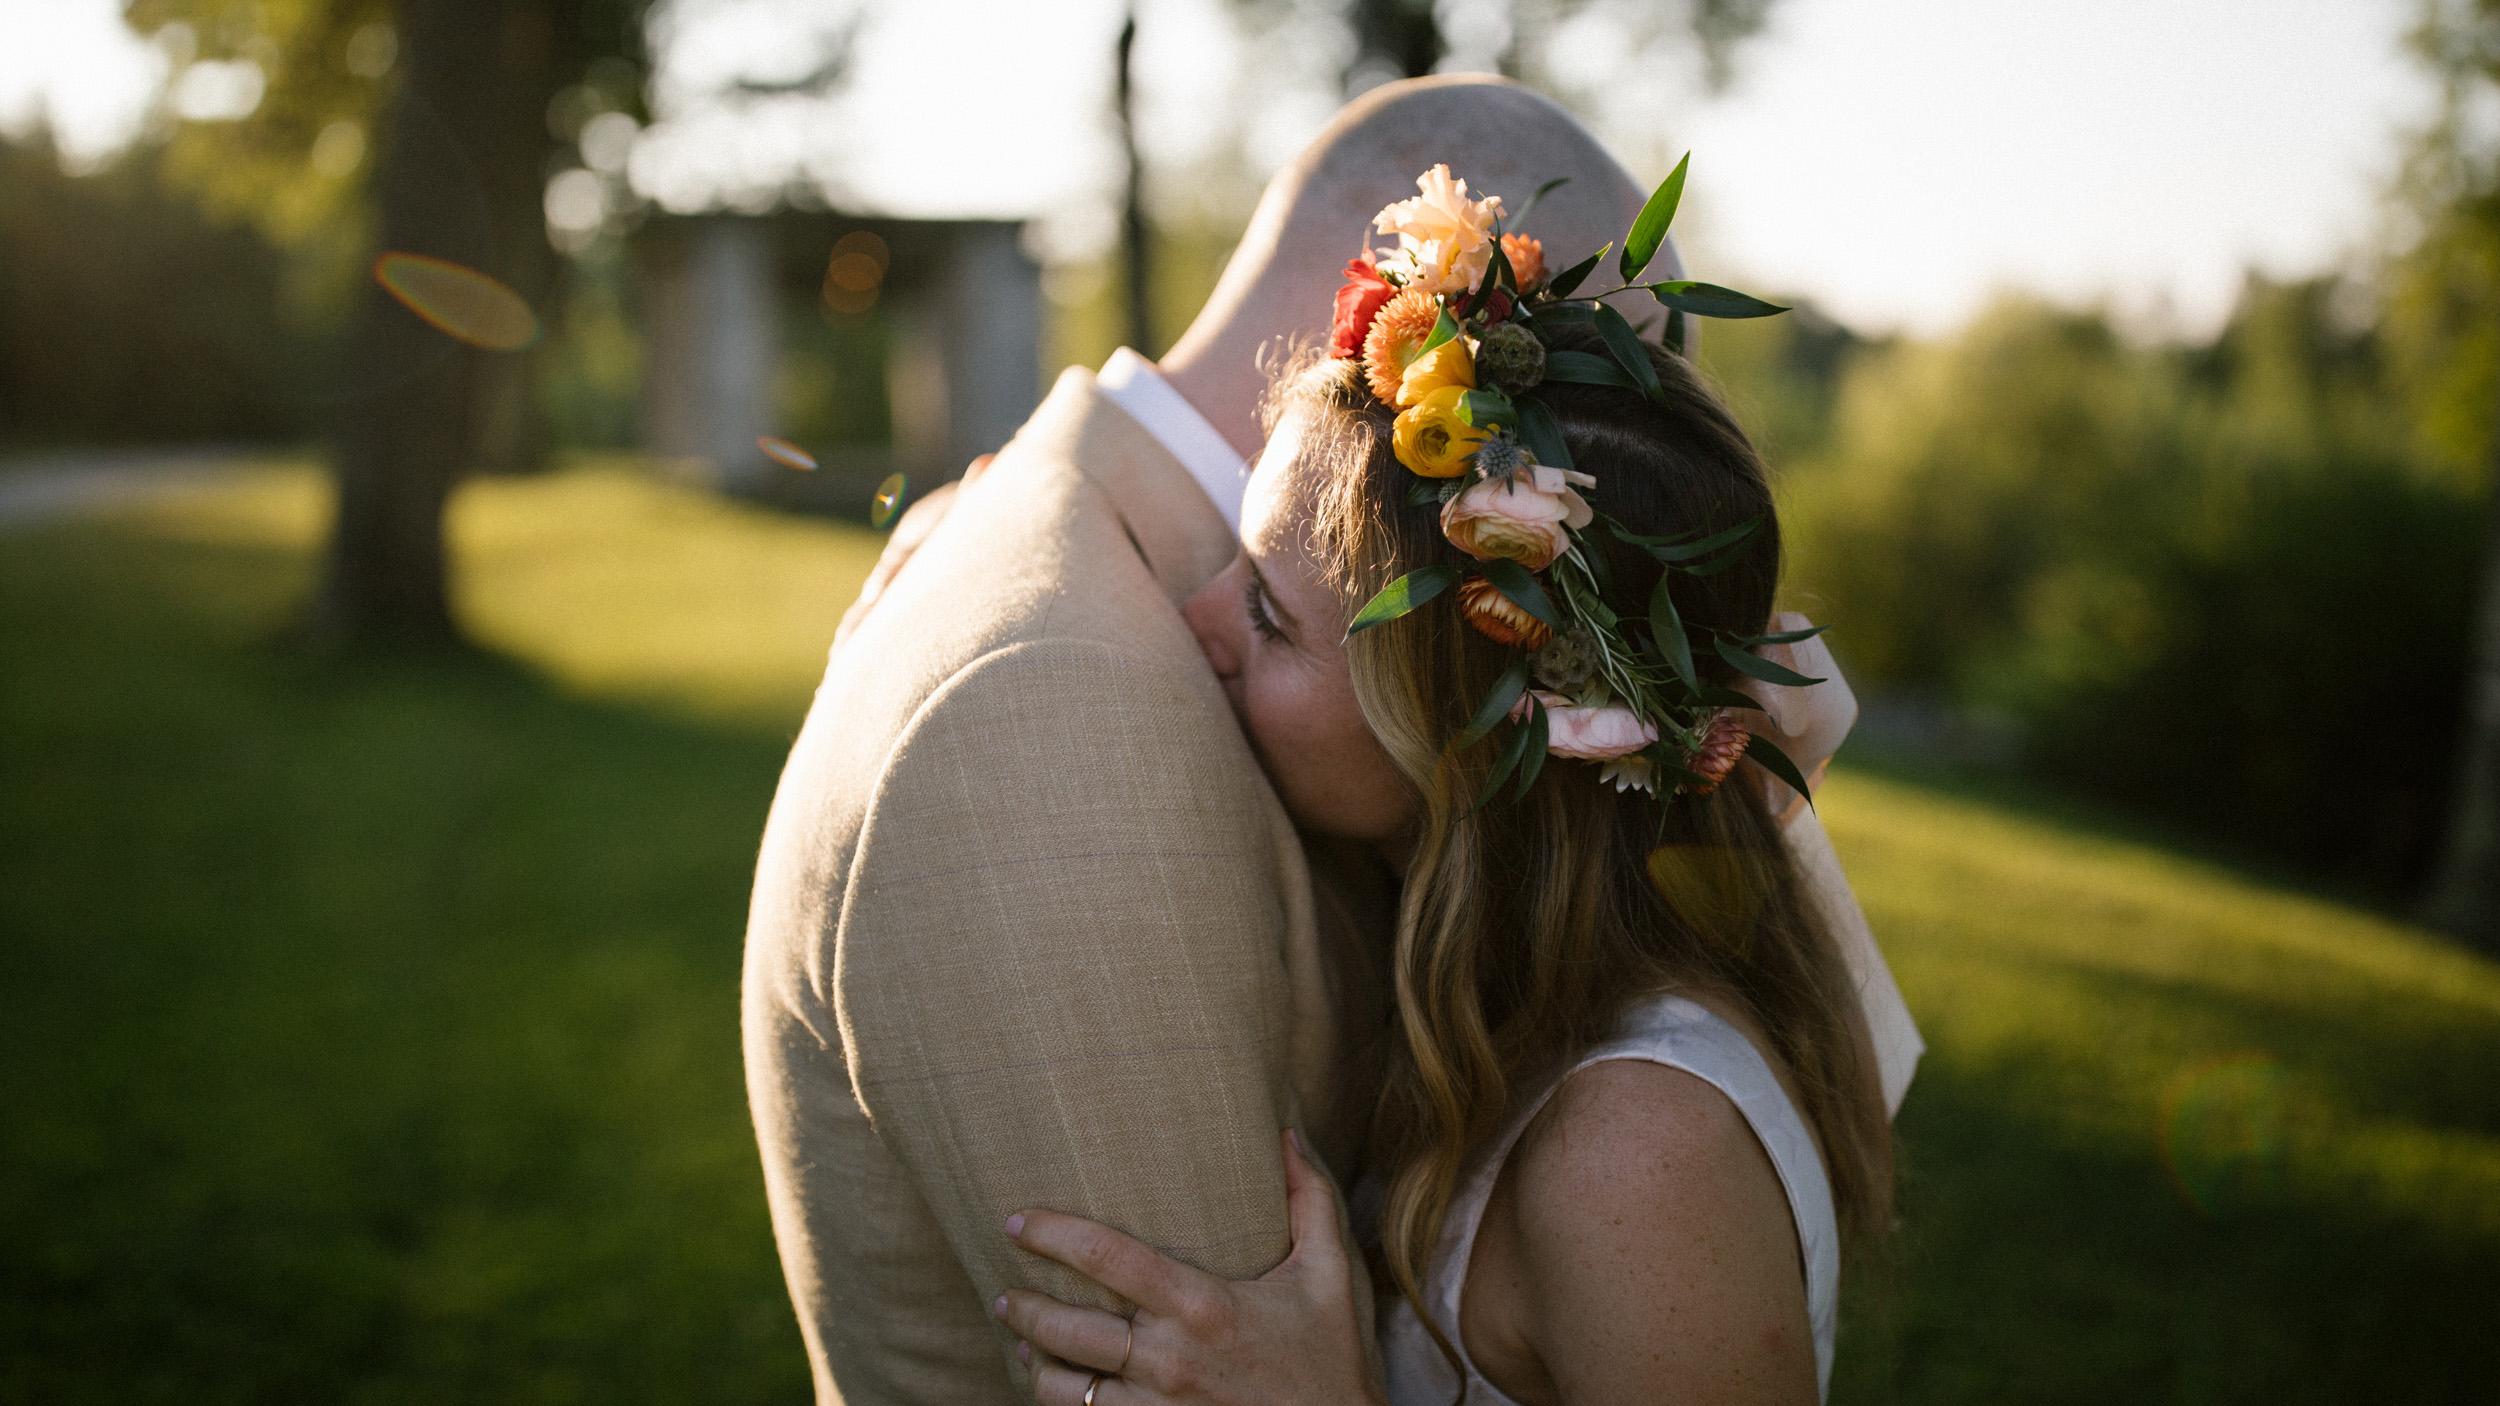 alec_vanderboom_vermont_wedding_photography-0111.jpg